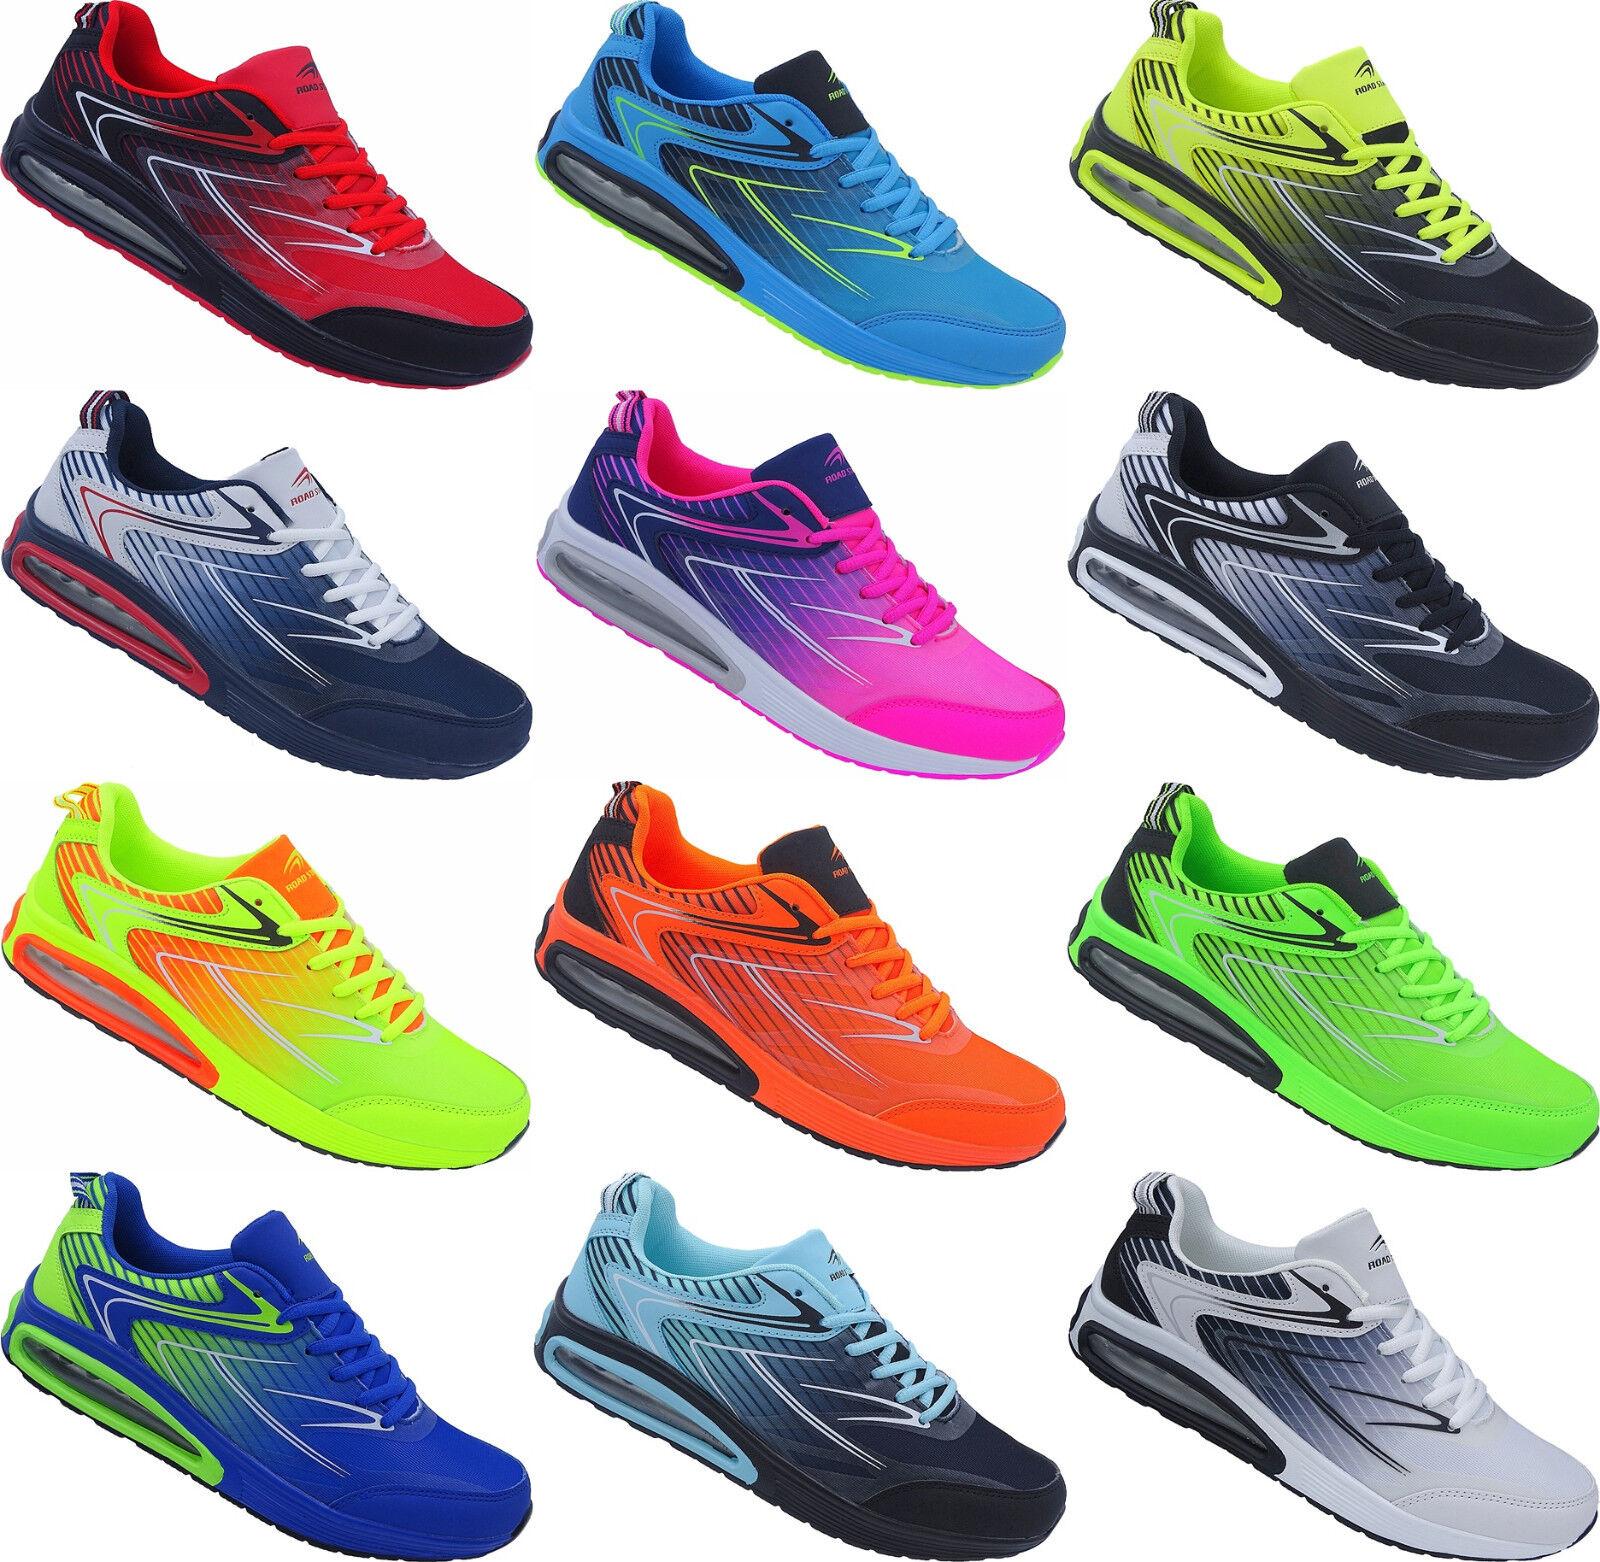 f0e45901343a55 Damen Herren Laufschuhe Sport Schuhe Turnschuhe Sneaker Gr.36 - 46 Nr.284432